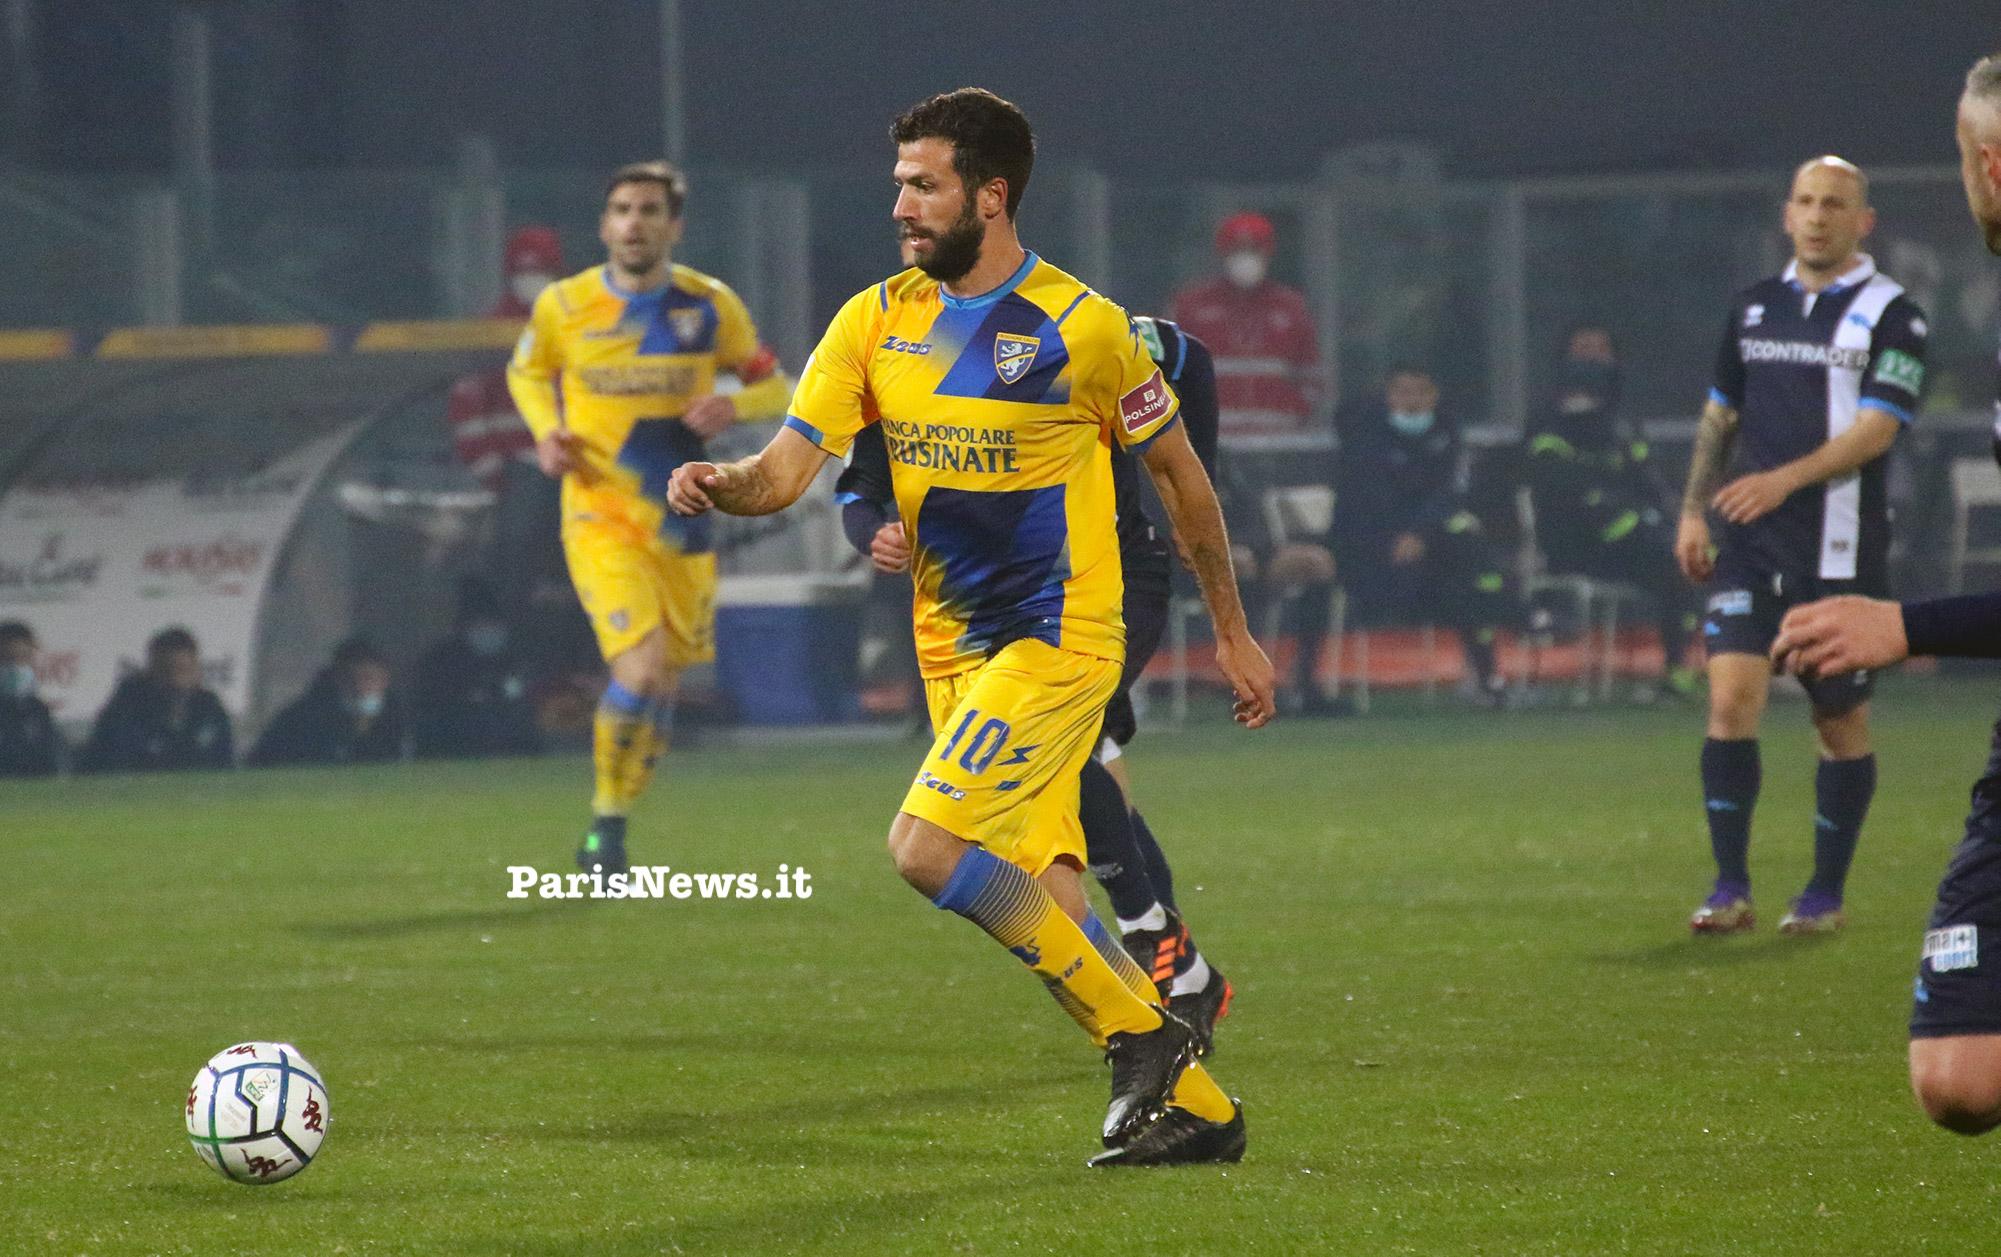 Chievo - Frosinone 0-0